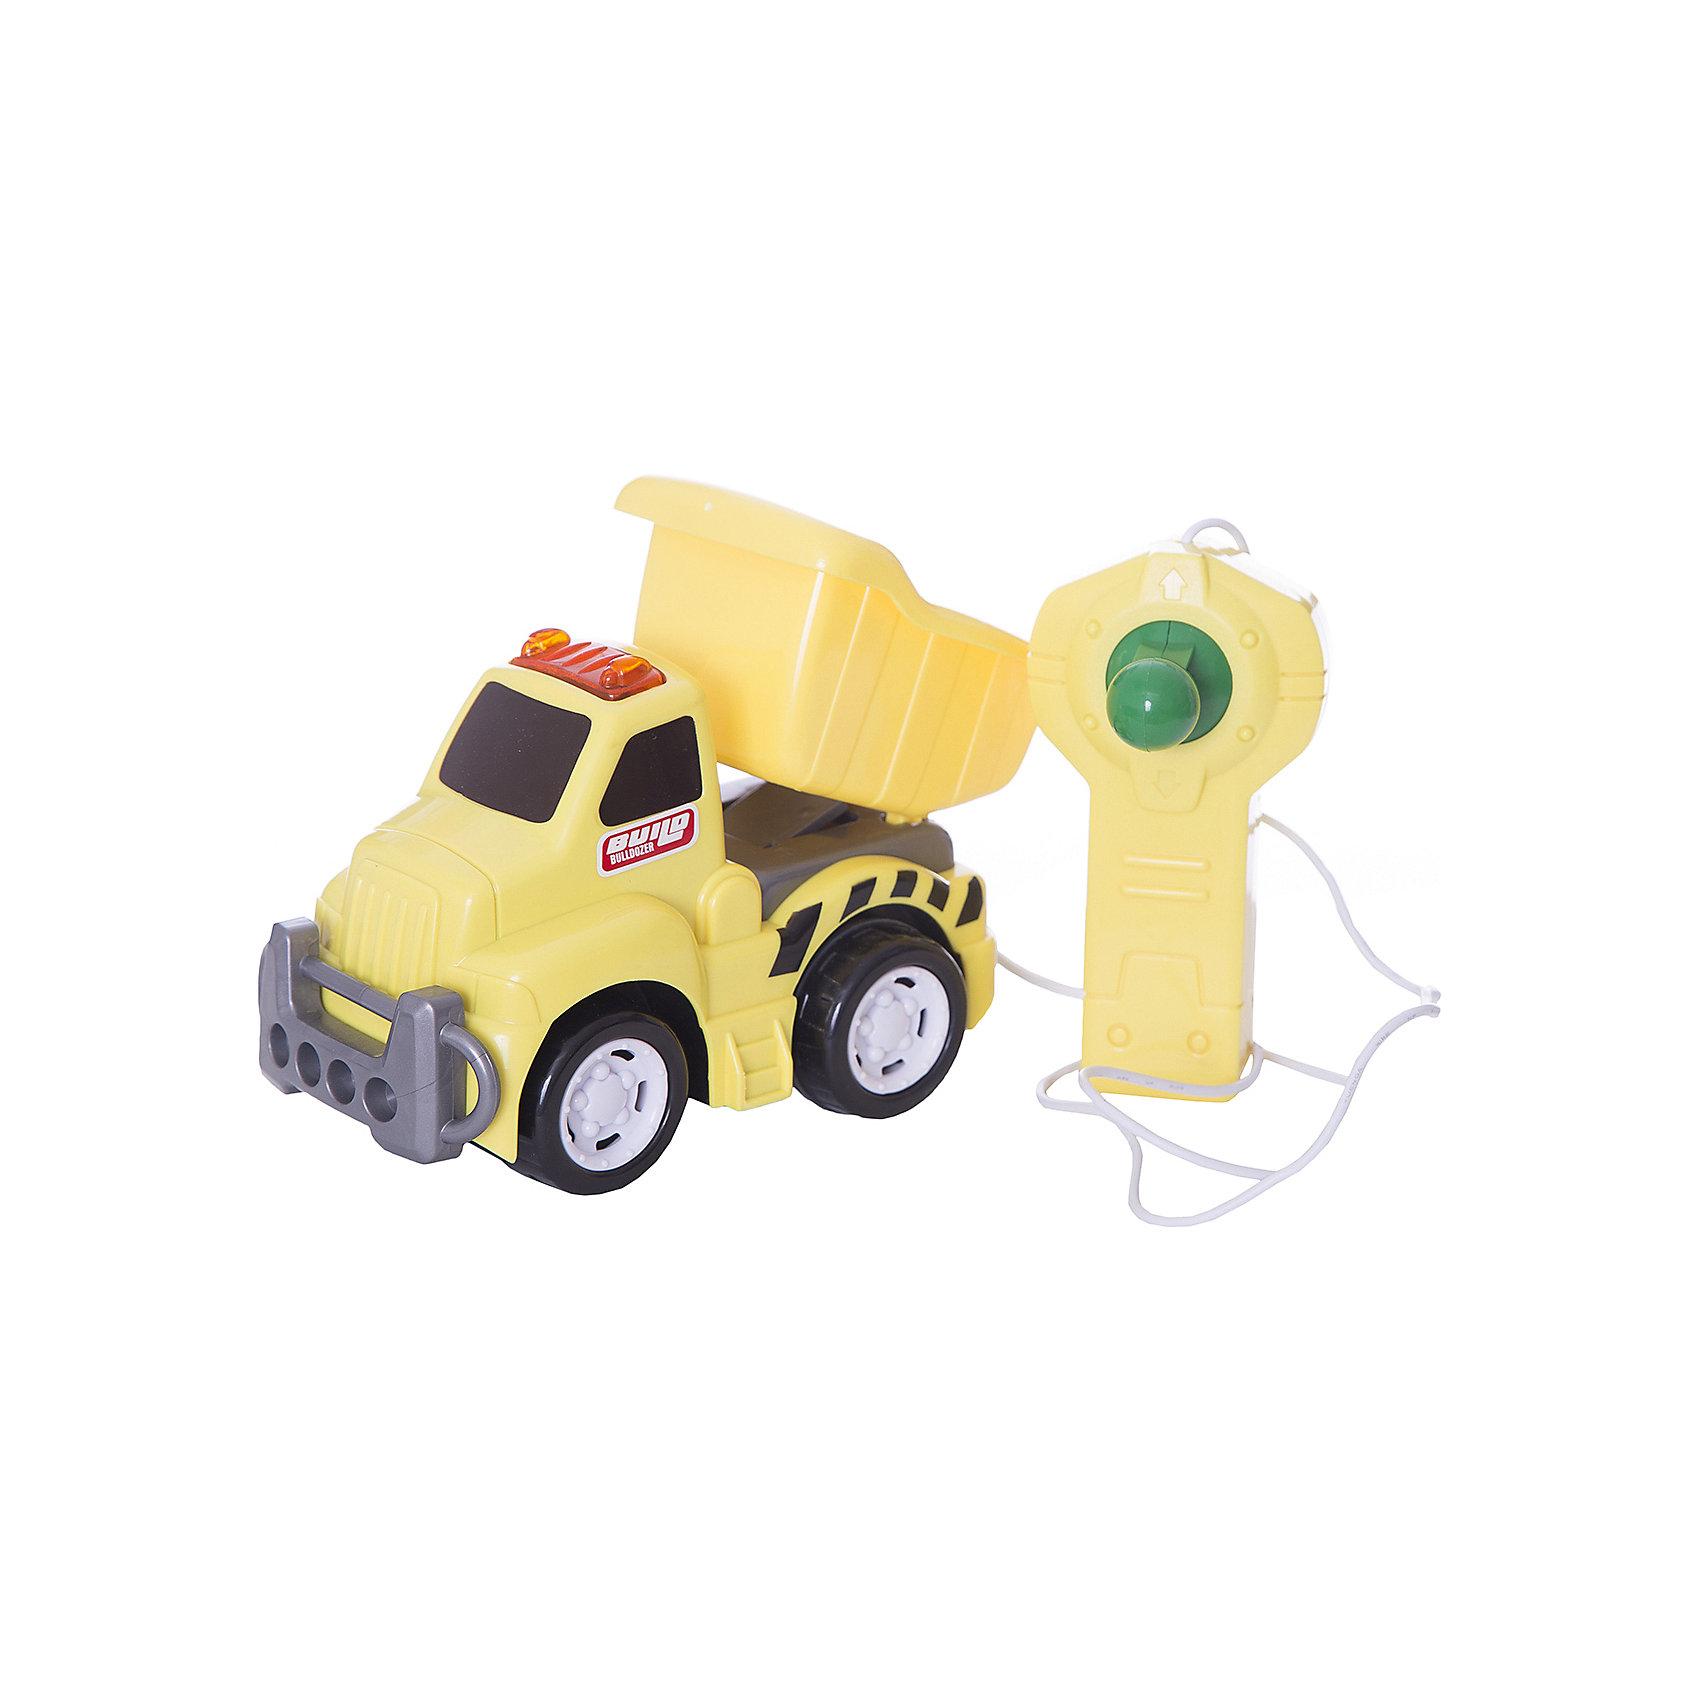 Грузовик, со светом, р/у, KeenwayМашинки<br>Грузовик, со светом и управлением от Keenway - отличный подарок ребенку. Это красочная игрушка, которая обязательно понравится малышу. Она выполнена в виде яркой машинки, так похожей на настоящую. Управлять грузовиком можно при помощи пульта, соединенного с грузовиком проводом (длина провода - 85 см). На игрушке также загорается свет!<br>Игрушка по габаритам идеально подходит для маленьких ручек малыша. Весит совсем немного. Такие игрушки помогают развить мелкую моторику, логическое мышление и воображение ребенка. Эта игрушка выполнена из высококачественного прочного пластика, безопасного для детей.<br>  <br>Дополнительная информация:<br><br>цвет: разноцветный;<br>материал: пластик;<br>размер упаковки: 28.6 х 15.2 х 10.8  см;<br>батарейки: 2ХхАА, в комплекте;<br>вес: 719 г.<br><br>Грузовик, со светом, р/у, от компании Keenway можно купить в нашем магазине.<br><br>Ширина мм: 88<br>Глубина мм: 381<br>Высота мм: 203<br>Вес г: 719<br>Возраст от месяцев: 36<br>Возраст до месяцев: 120<br>Пол: Мужской<br>Возраст: Детский<br>SKU: 4810963